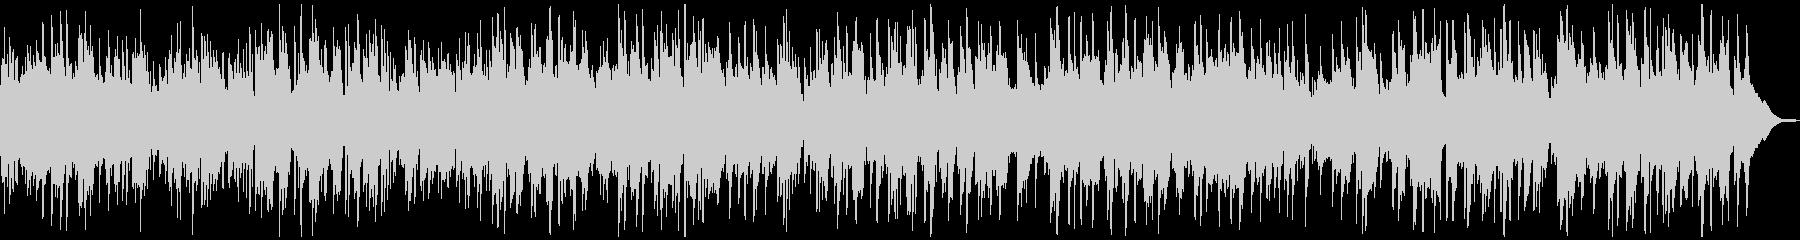 眠りつく前に聴きたいケルティックワルツの未再生の波形